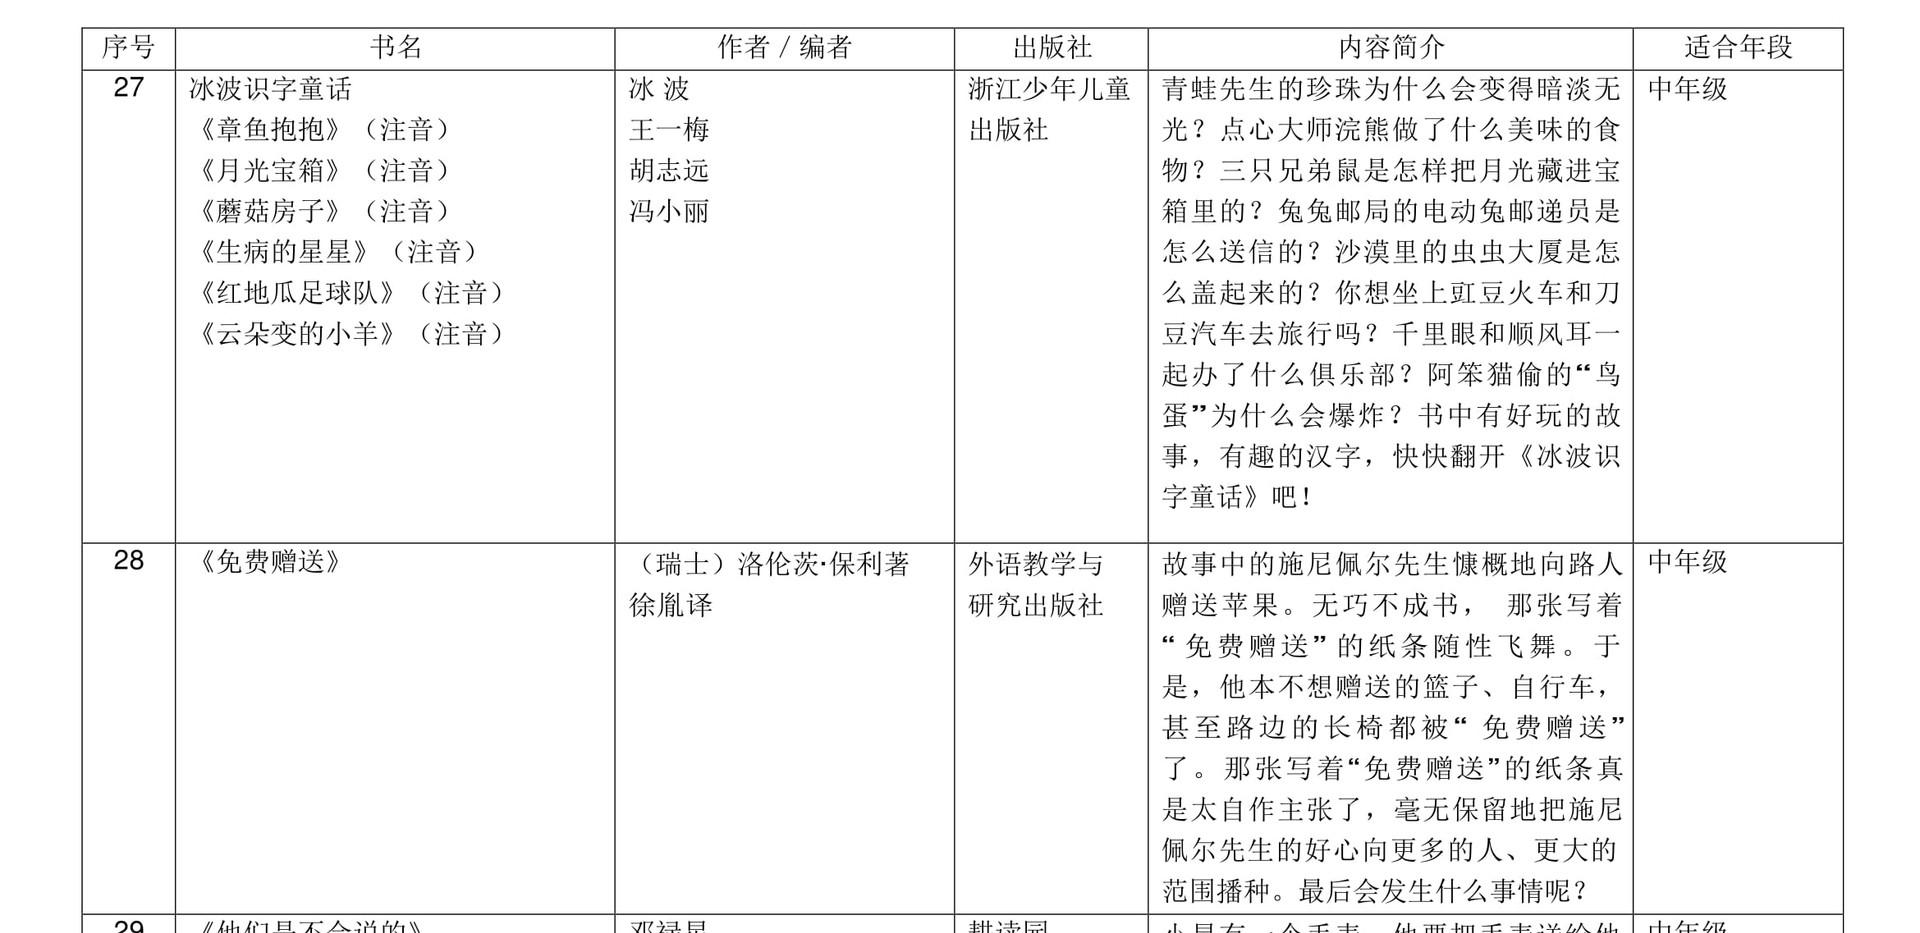 小学华文课外读物参考书目9.jpg